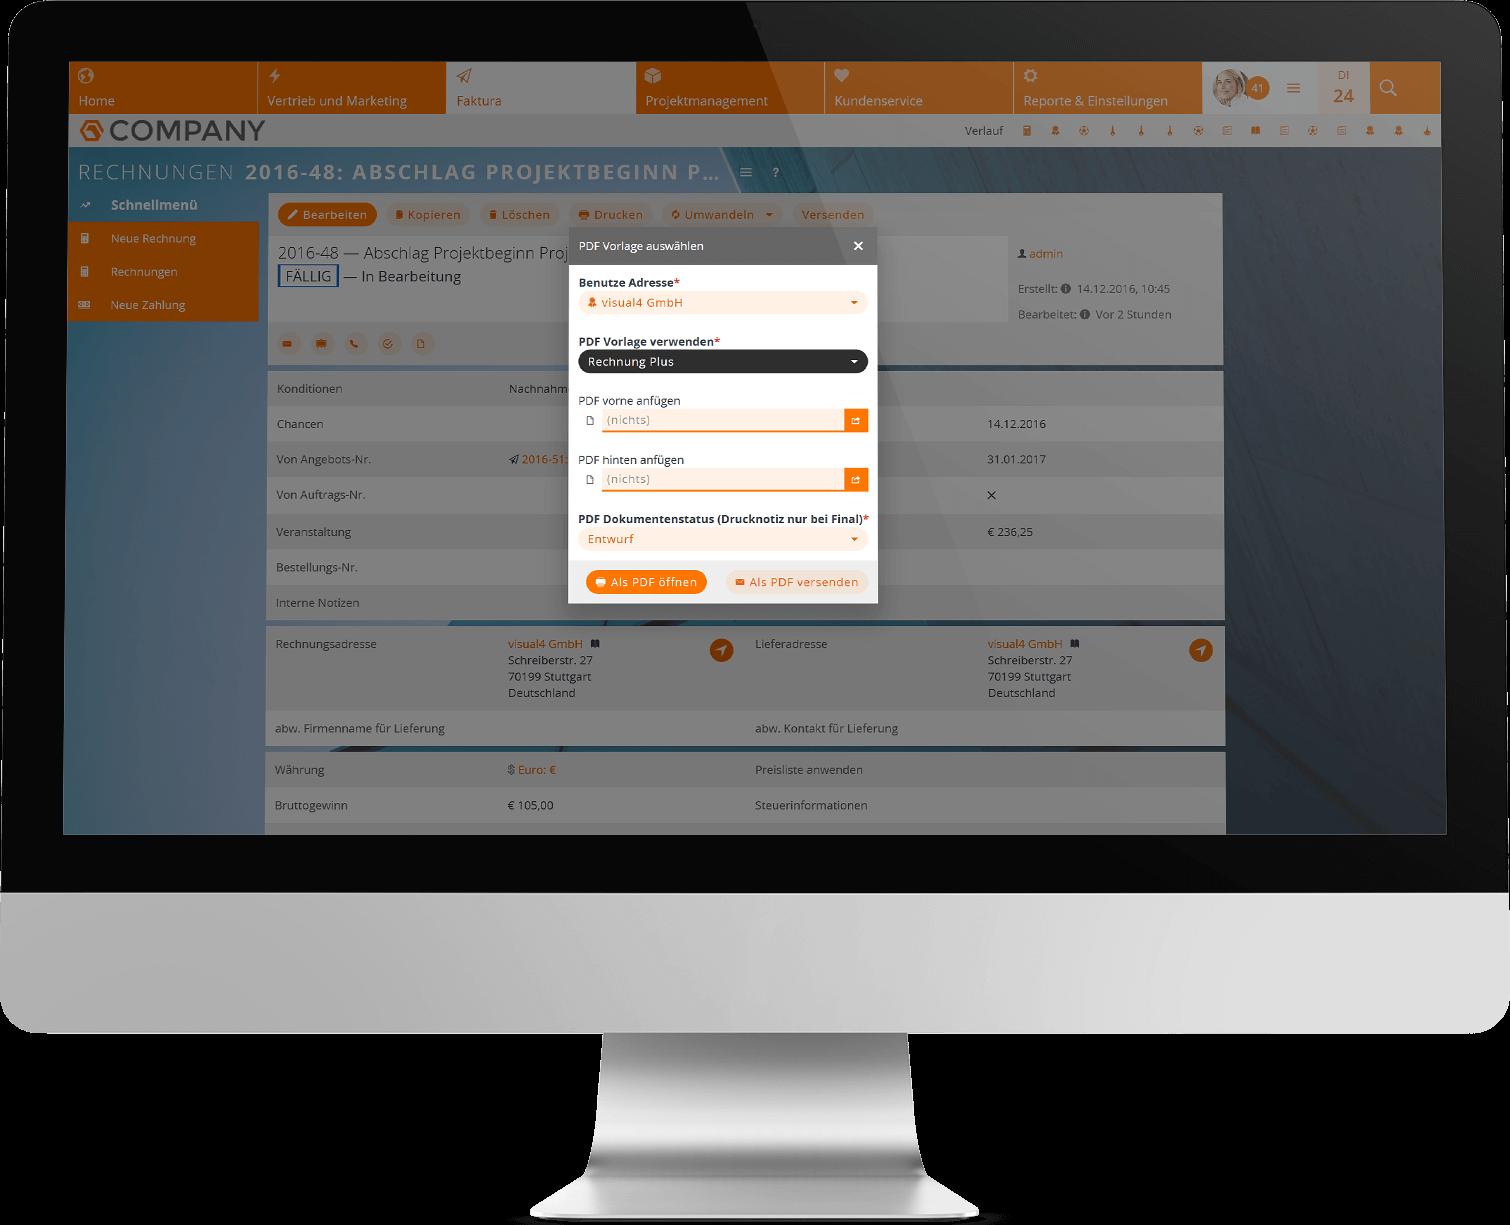 PDF-Plus-Vorlagen im CRM auswählen